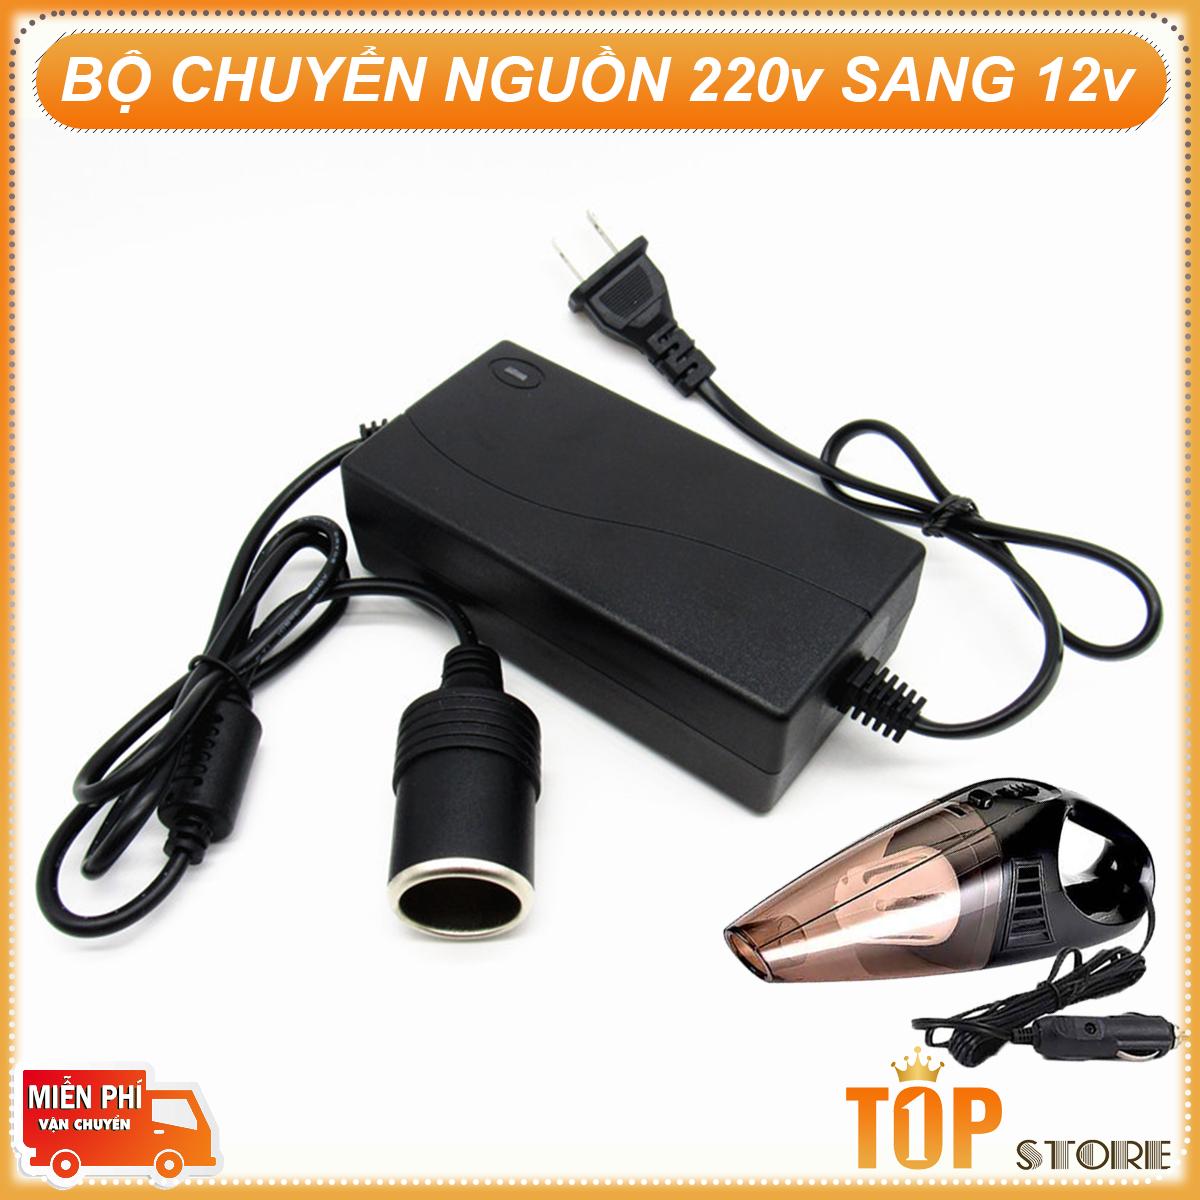 Adapter Chuyển Nguồn Điện 220V Sang 12V Bộ Chuyển Đổi Nguồn ô to 220V - 12v Bộ Adapter chuyển đổi nguồn từ 220V sang 12V đầu ra dạng chân tẩu sạc ô tô